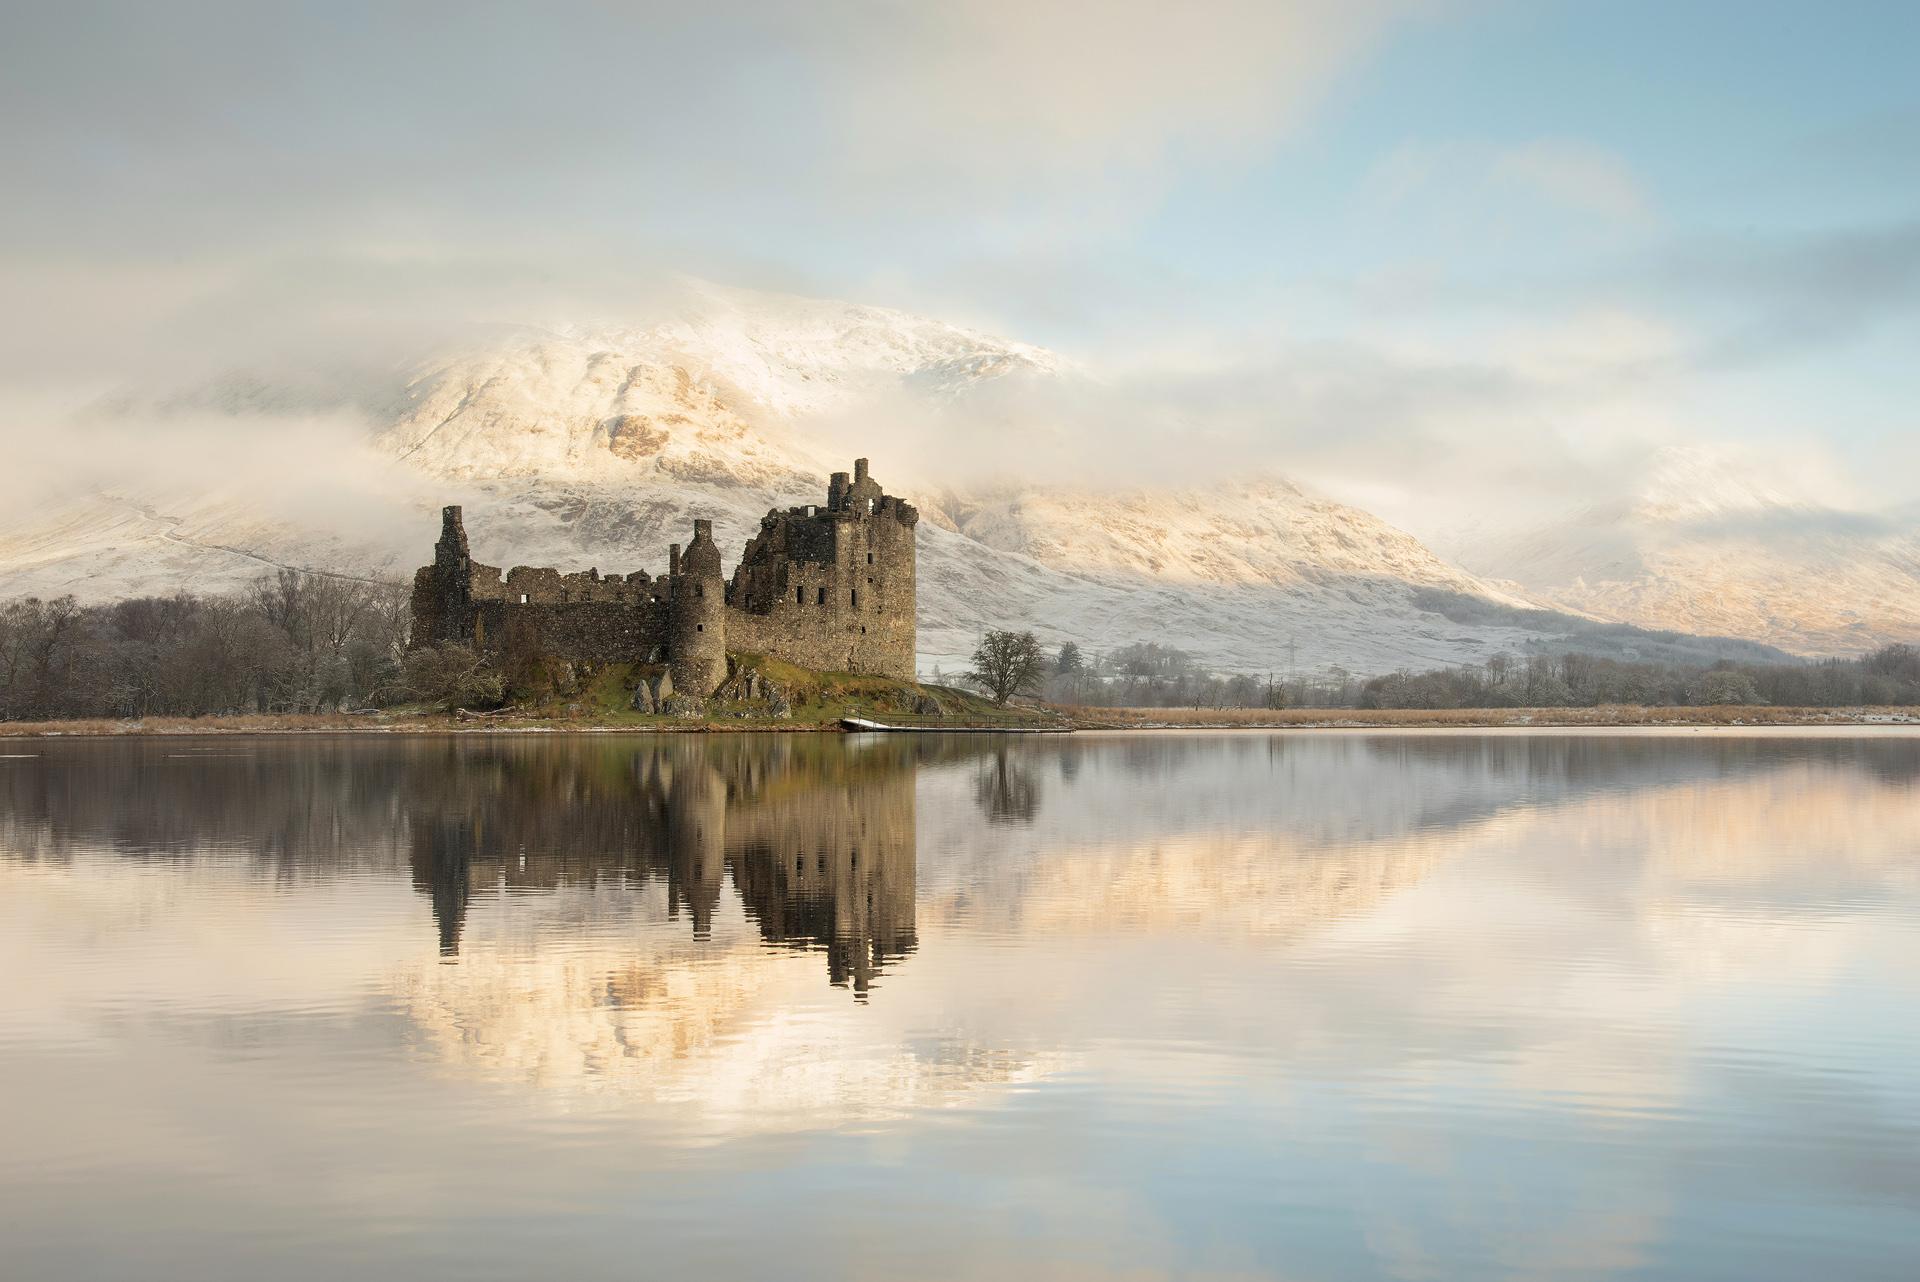 Winter's Morning, Kilchurn Castle